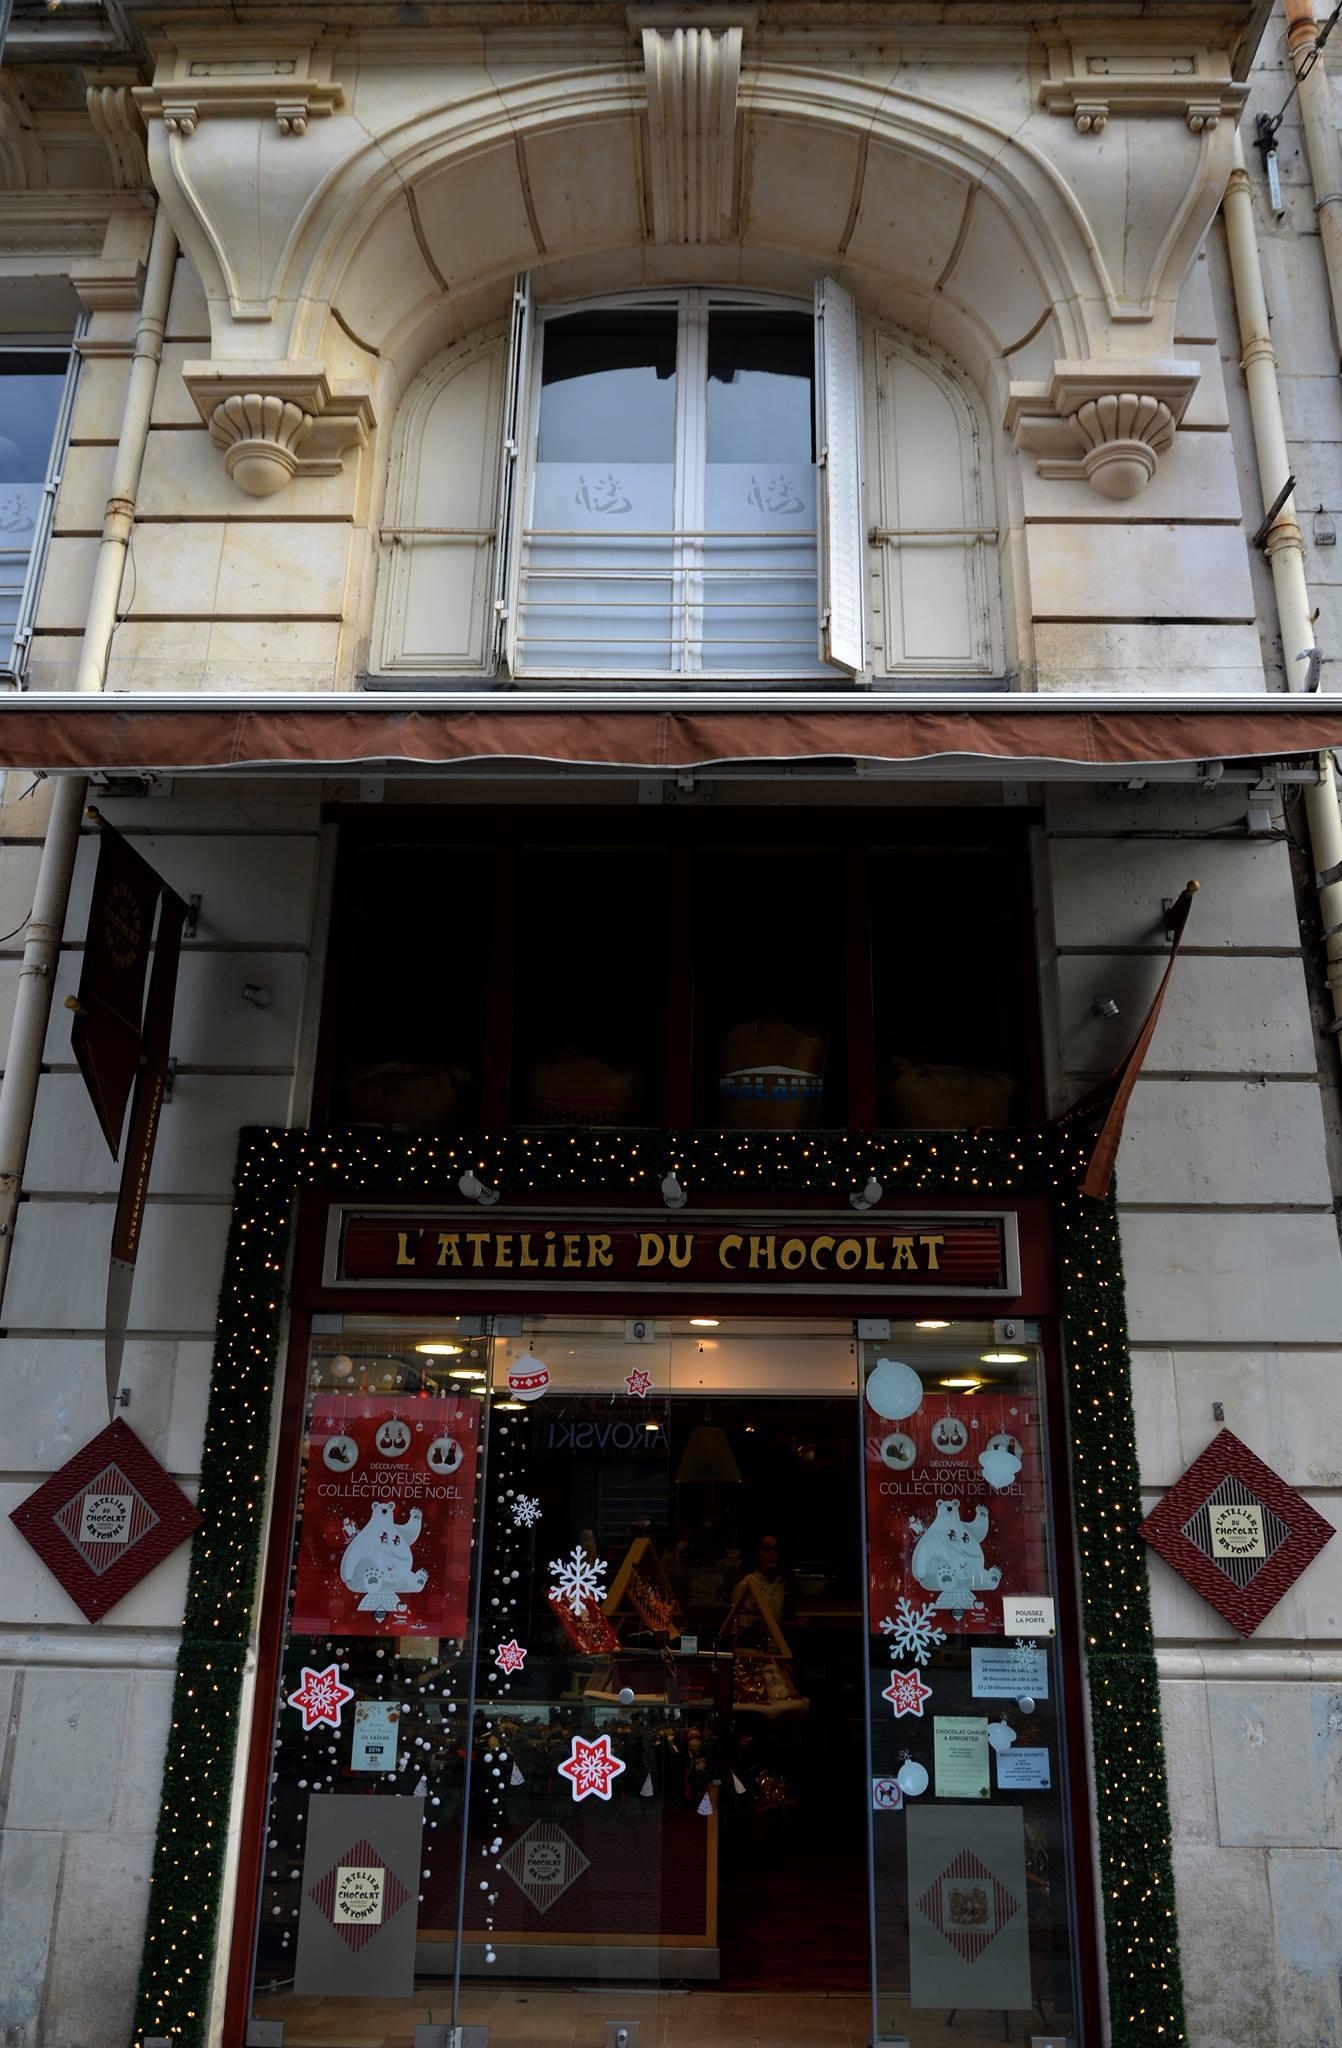 l'atelier du chocolat de bayonne orléans (5)